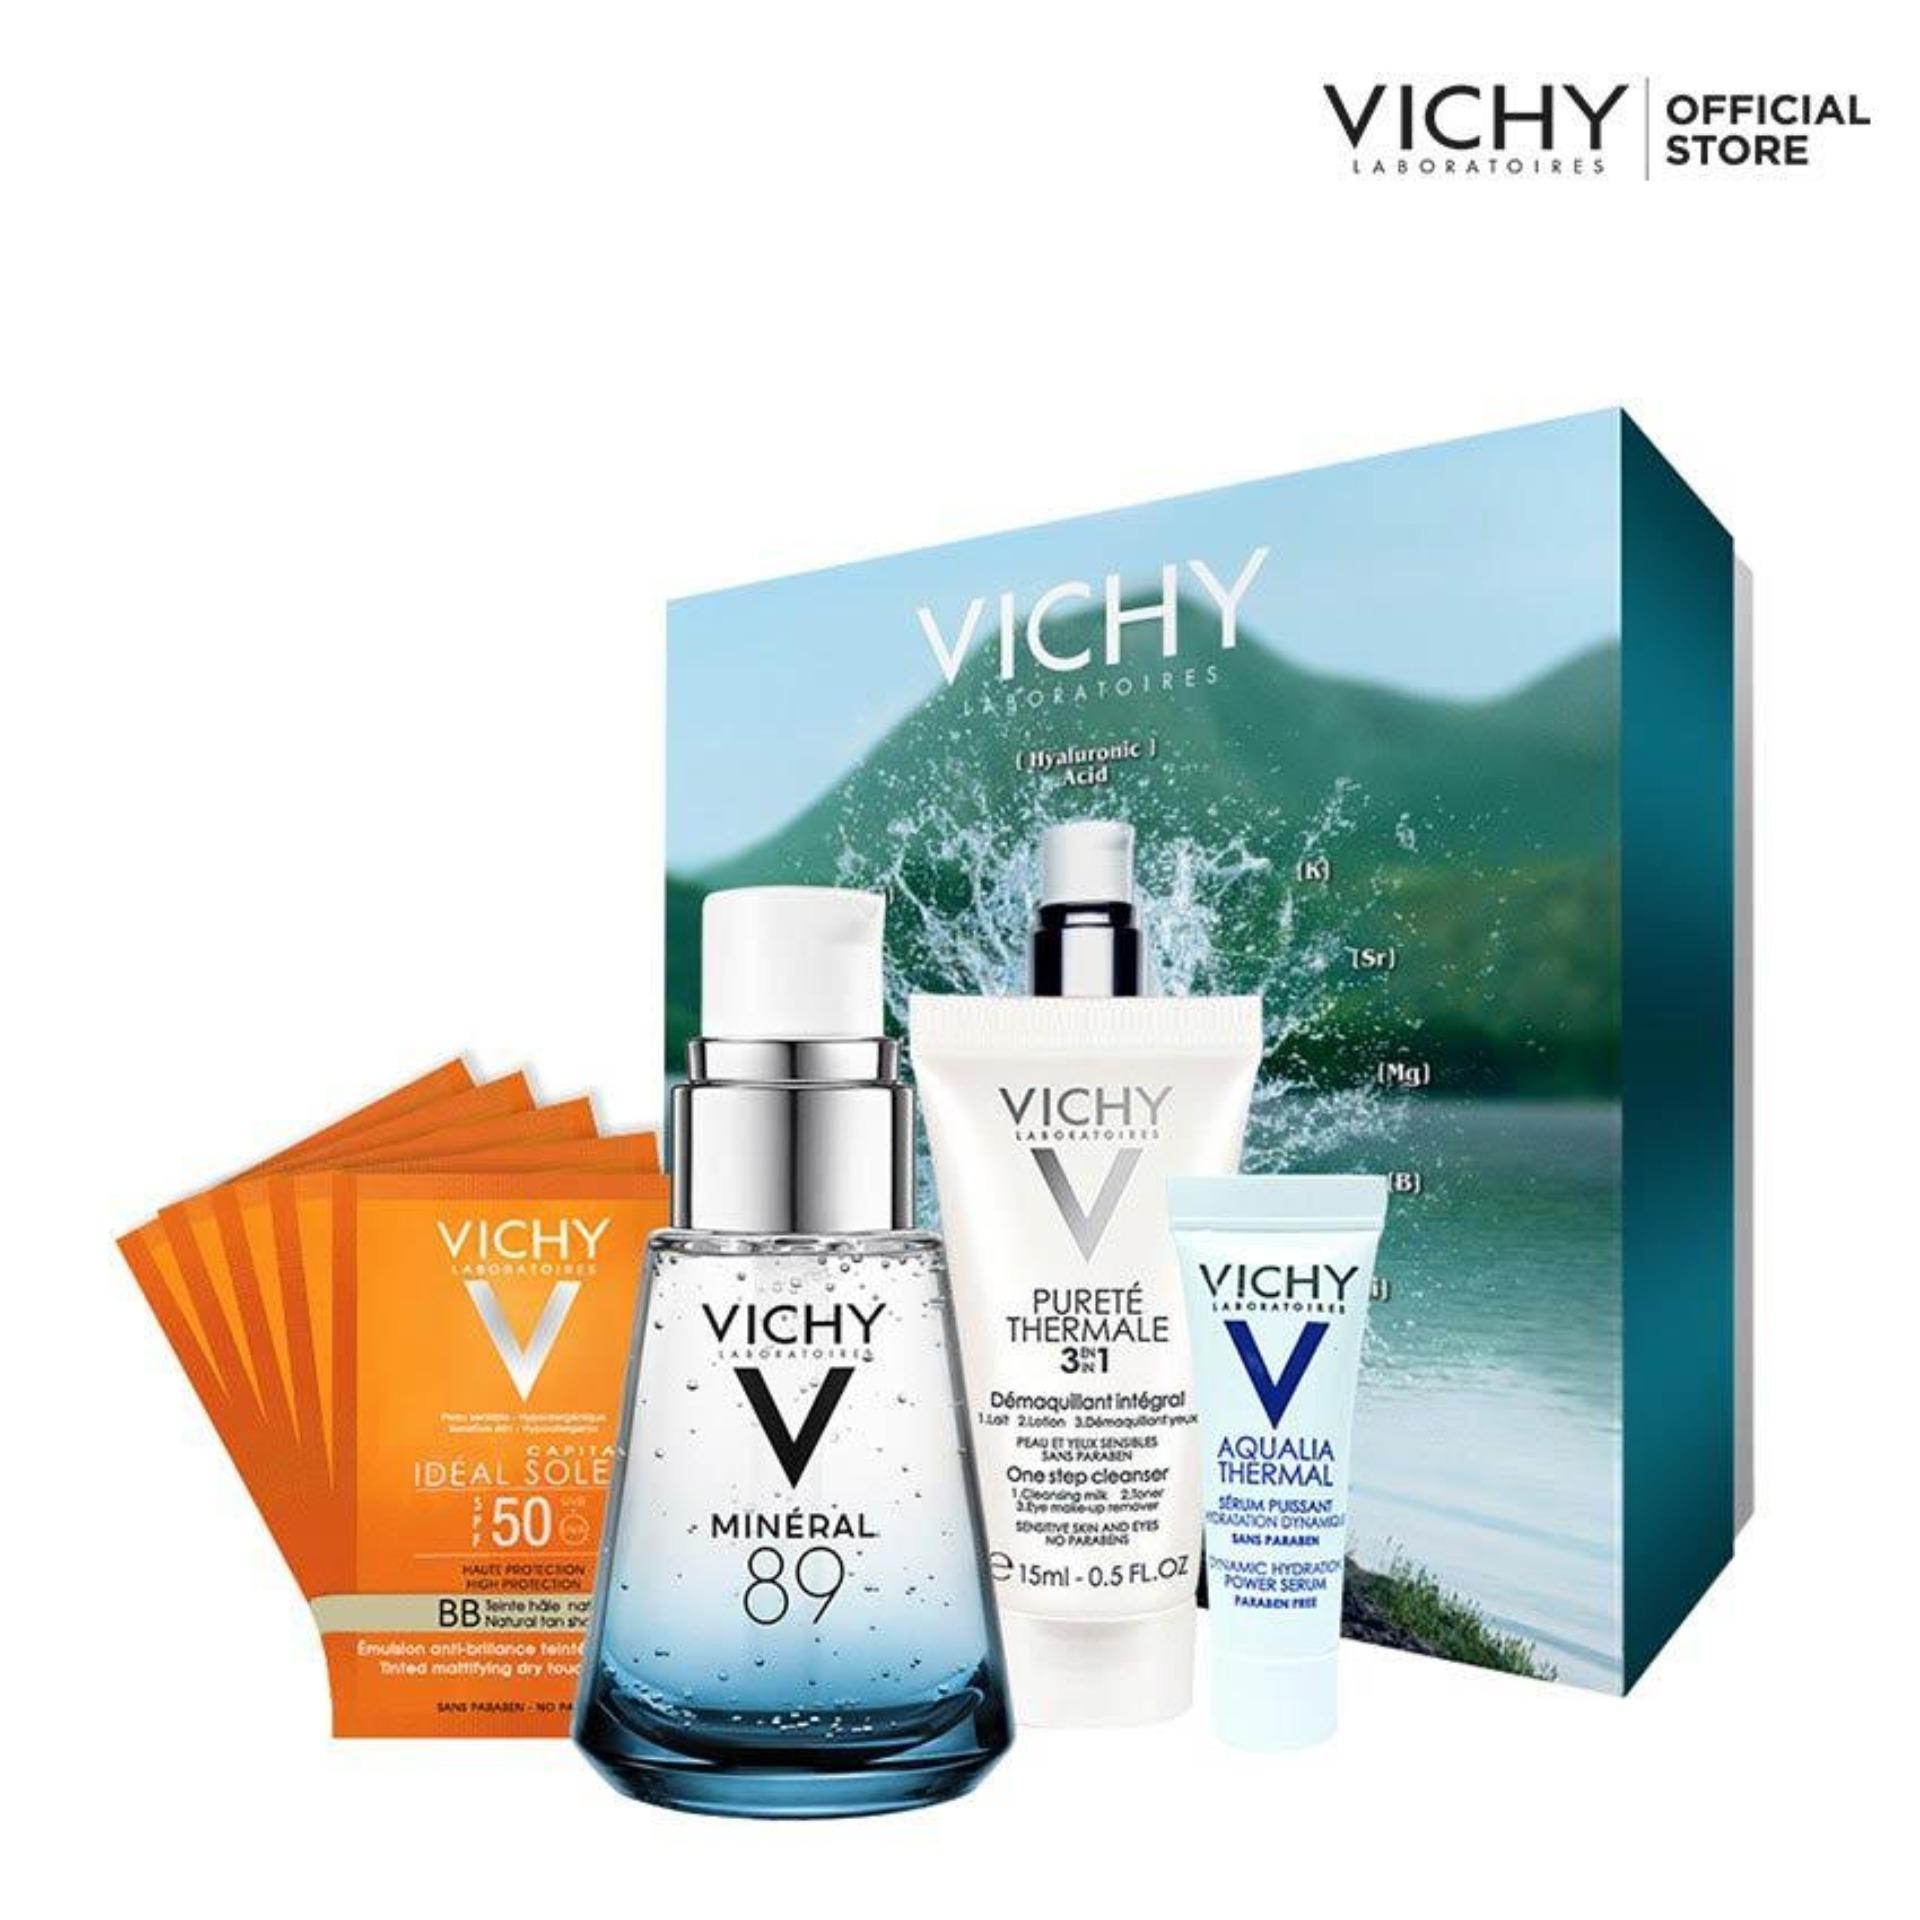 Hình ảnh Bộ dưỡng chất khoáng cô đặc Vichy Mineral 89 30ML giúp phục hồi và nuôi dưỡng cho làn da căng mịn